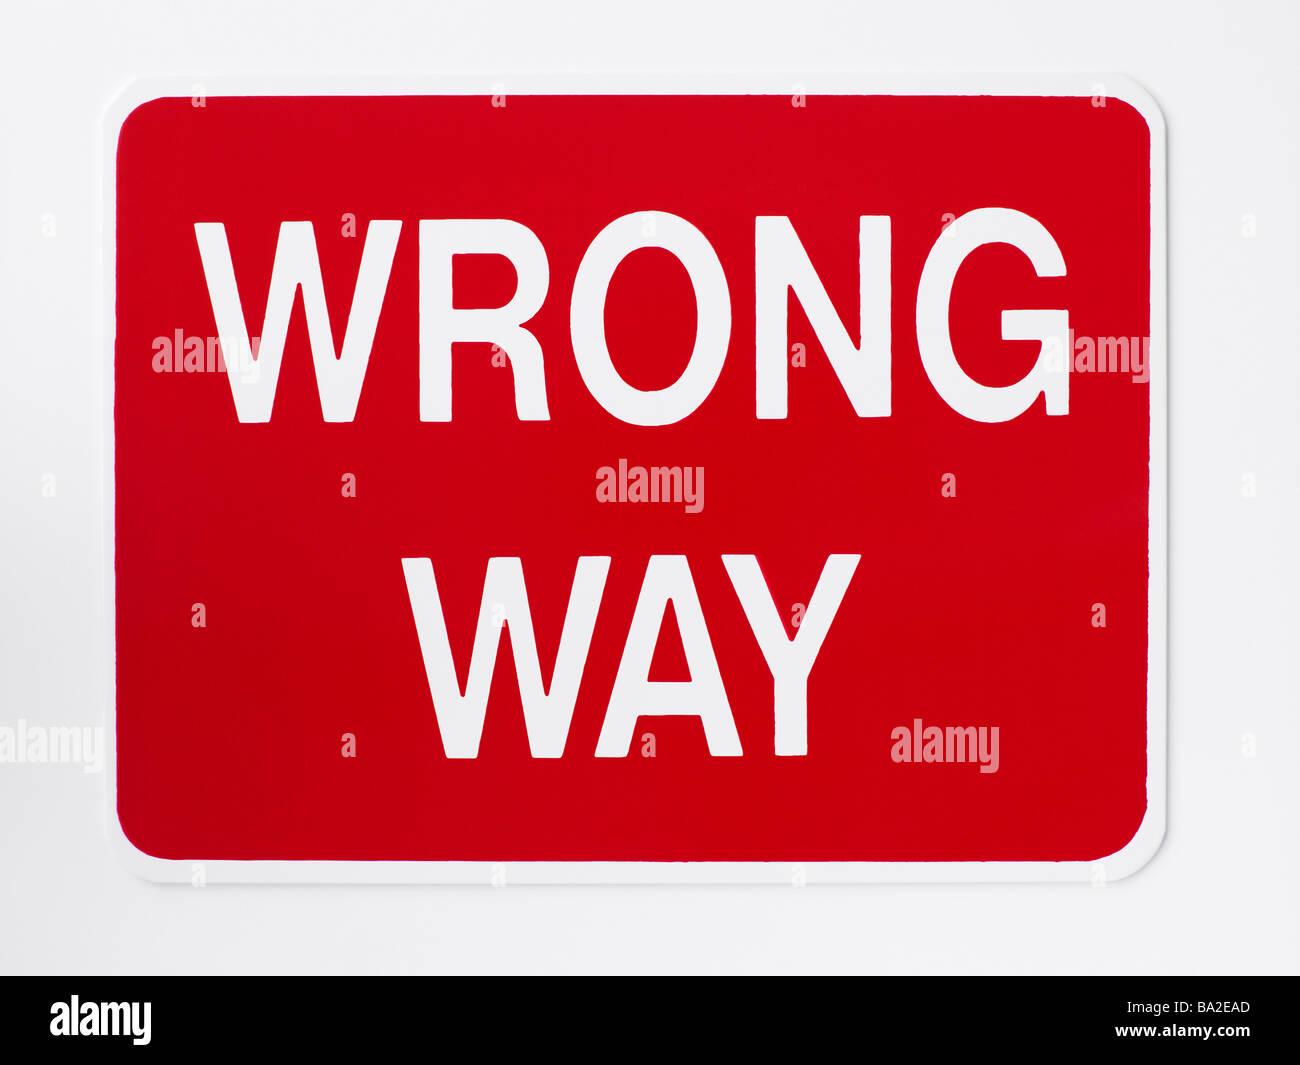 Wrong Way Road Sign - Stock Image